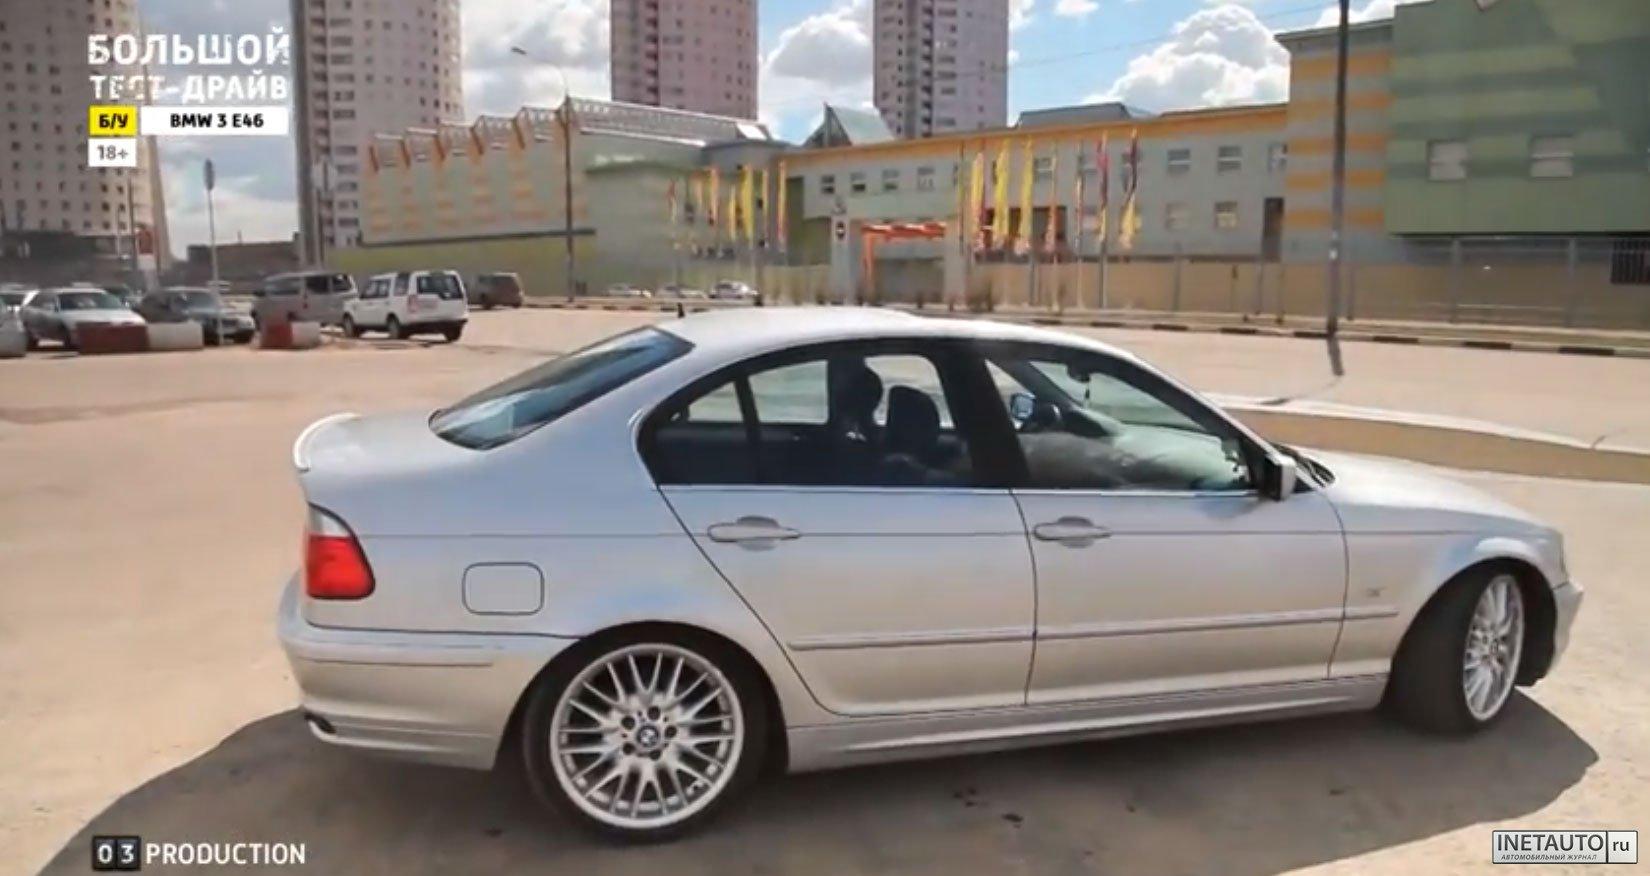 Большой тест-драйв BMW 3 E46